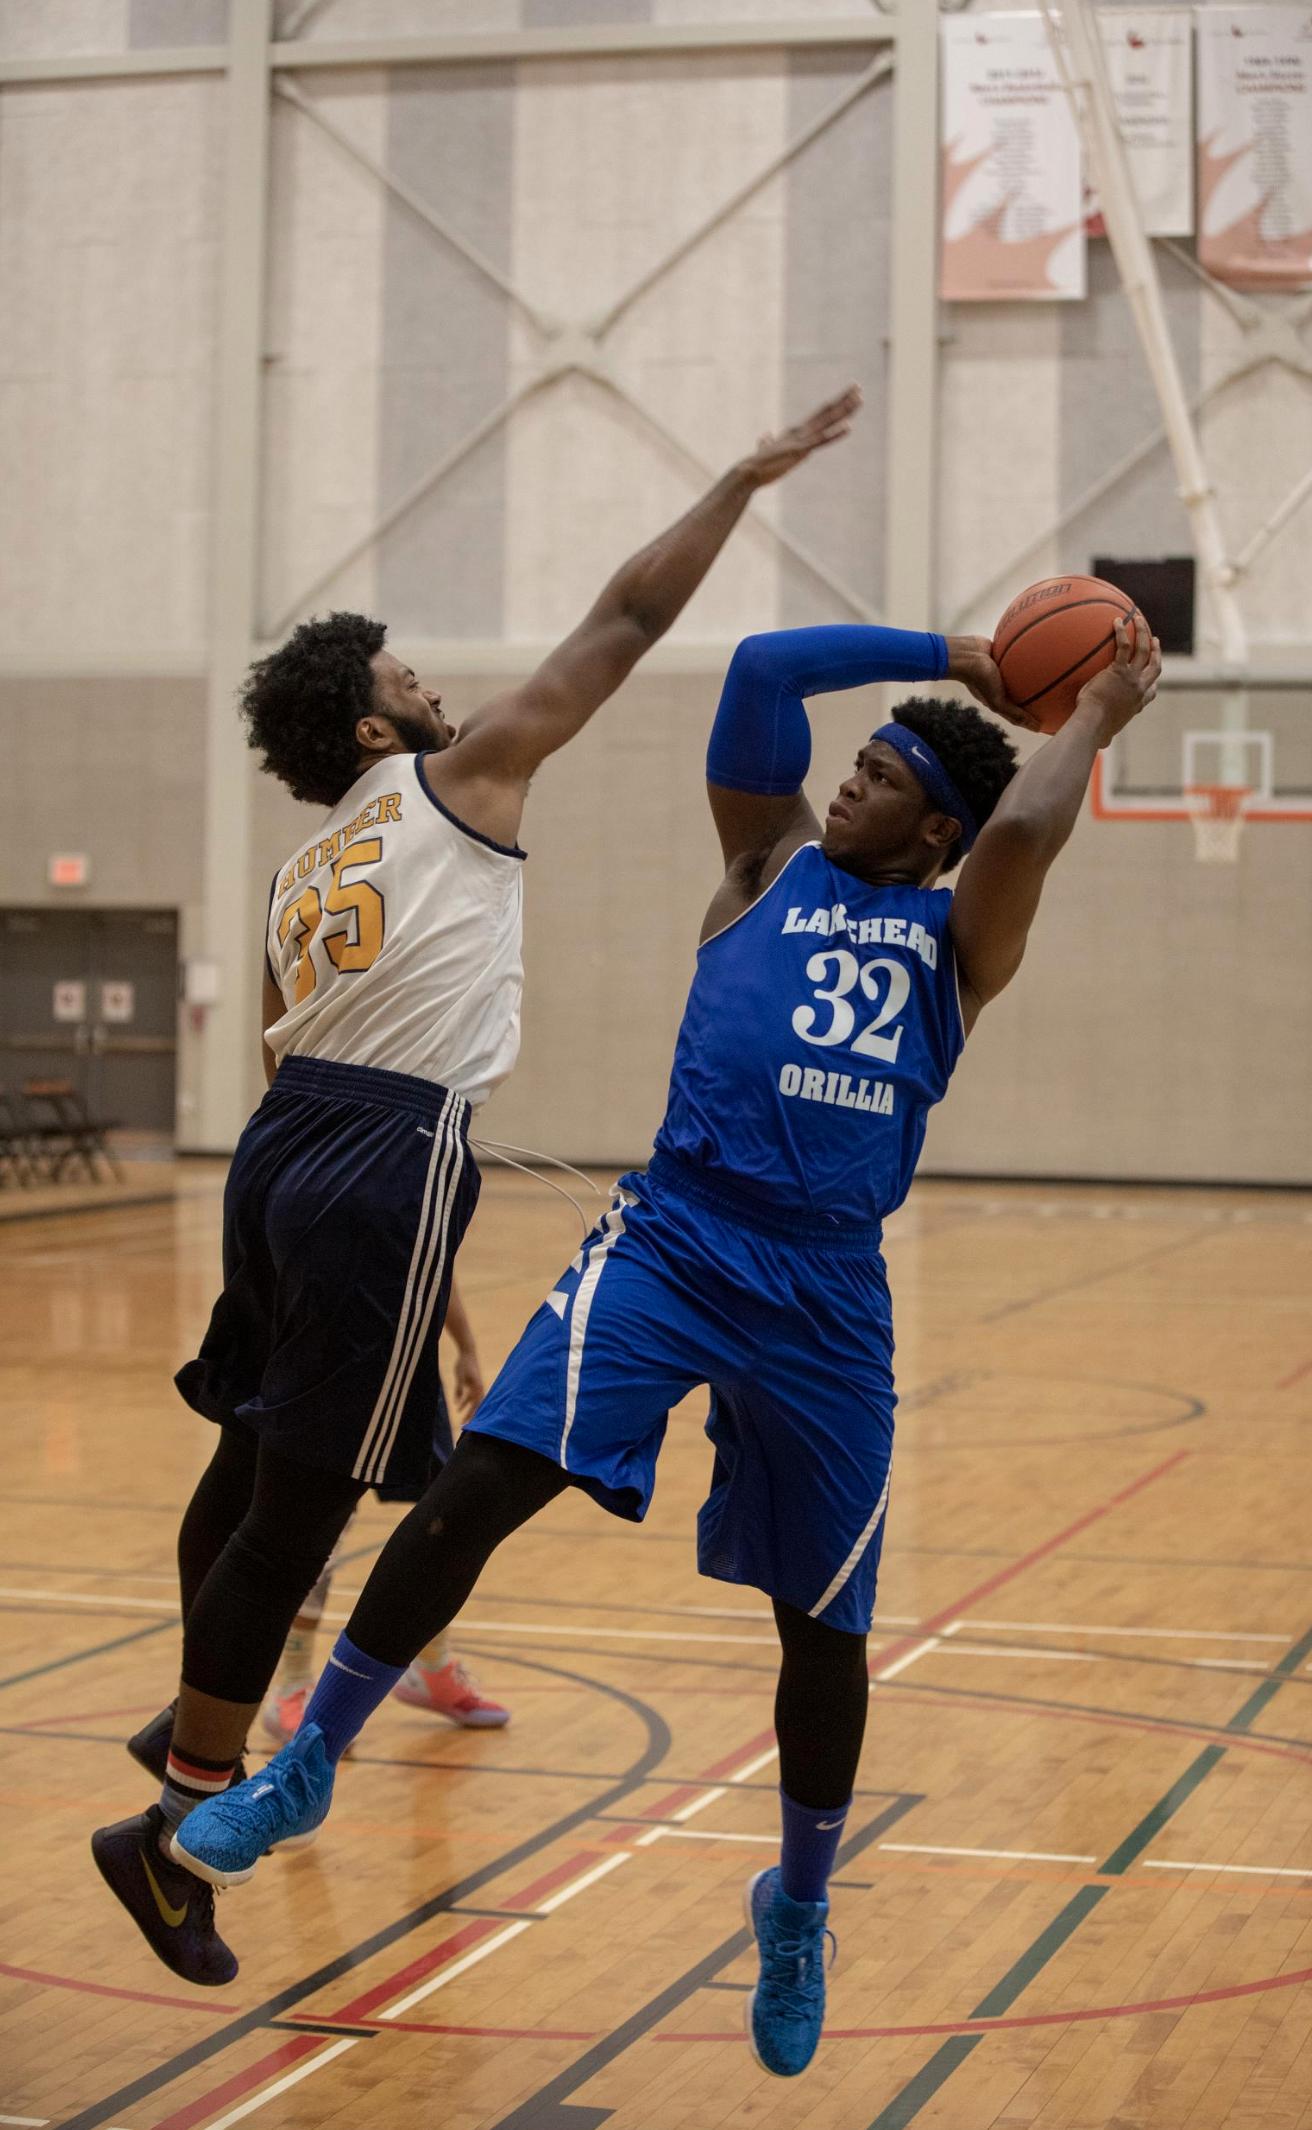 Orillia Thunderwolves Basketball